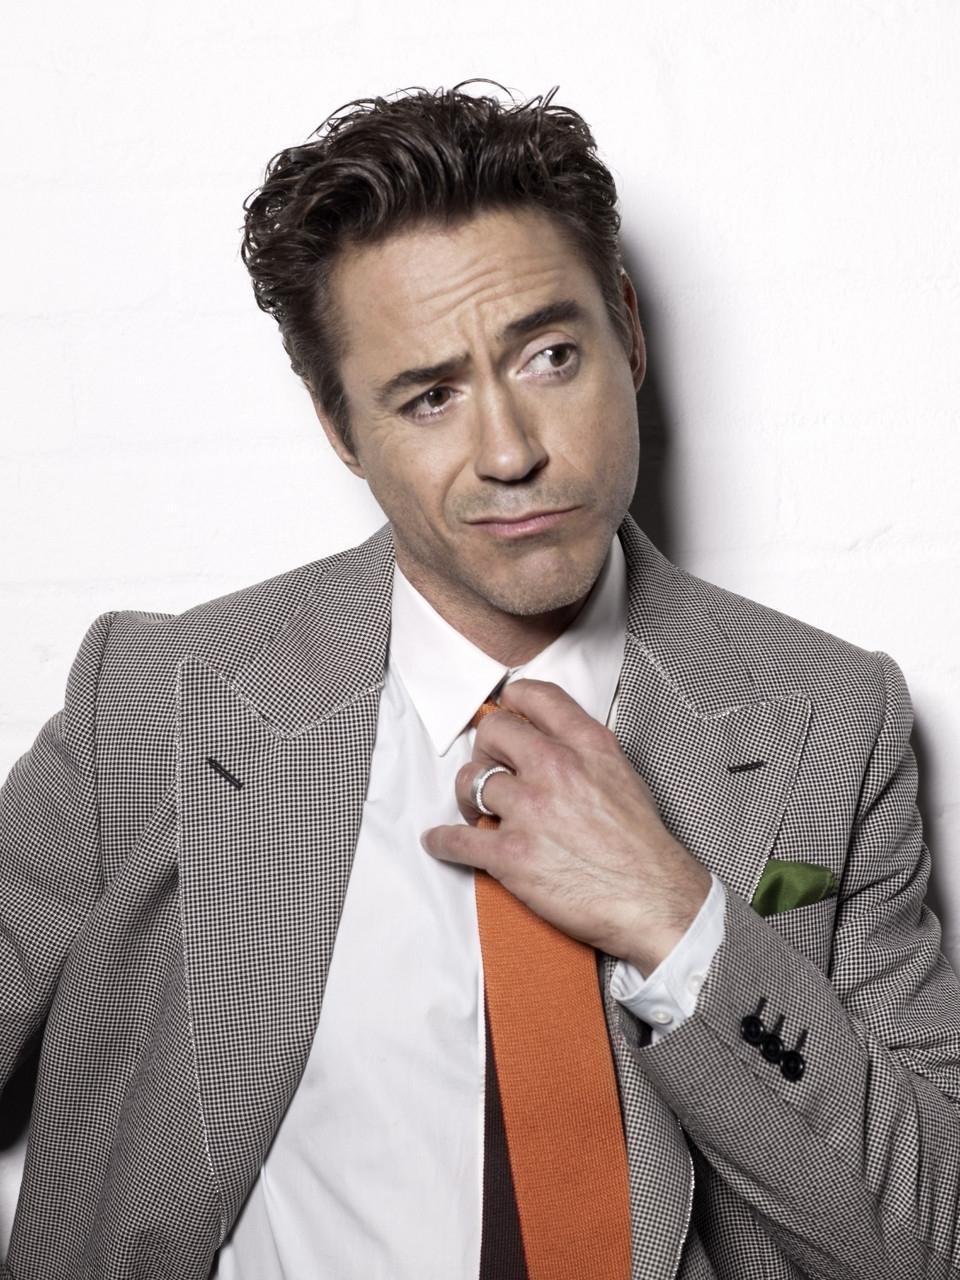 Robert Downey Jr. Ele já foi uma das maiores promessas do cinema internacional, interpretou Charlie Chaplin com maestria, passou anos entrando e saindo de cadeias e clínicas de reabilitação e hoje é um dos atores mais talentosos, adorados e mais bem pagos do ramo. Tudo isso ao longo de 48 anos dedicados à boas risadas, algumas lágrimas e ótimos trajes. Tudo bem que de vez em quando ele escorrega e inventa de vestir ternos compridos de mais, ou de combinar blazer cinza, gravata vermelha e óculos azul. Mas o certo é que acertando ou não no figurino, sabemos que Robert Downey Jr. é sempre uma ótima referência.